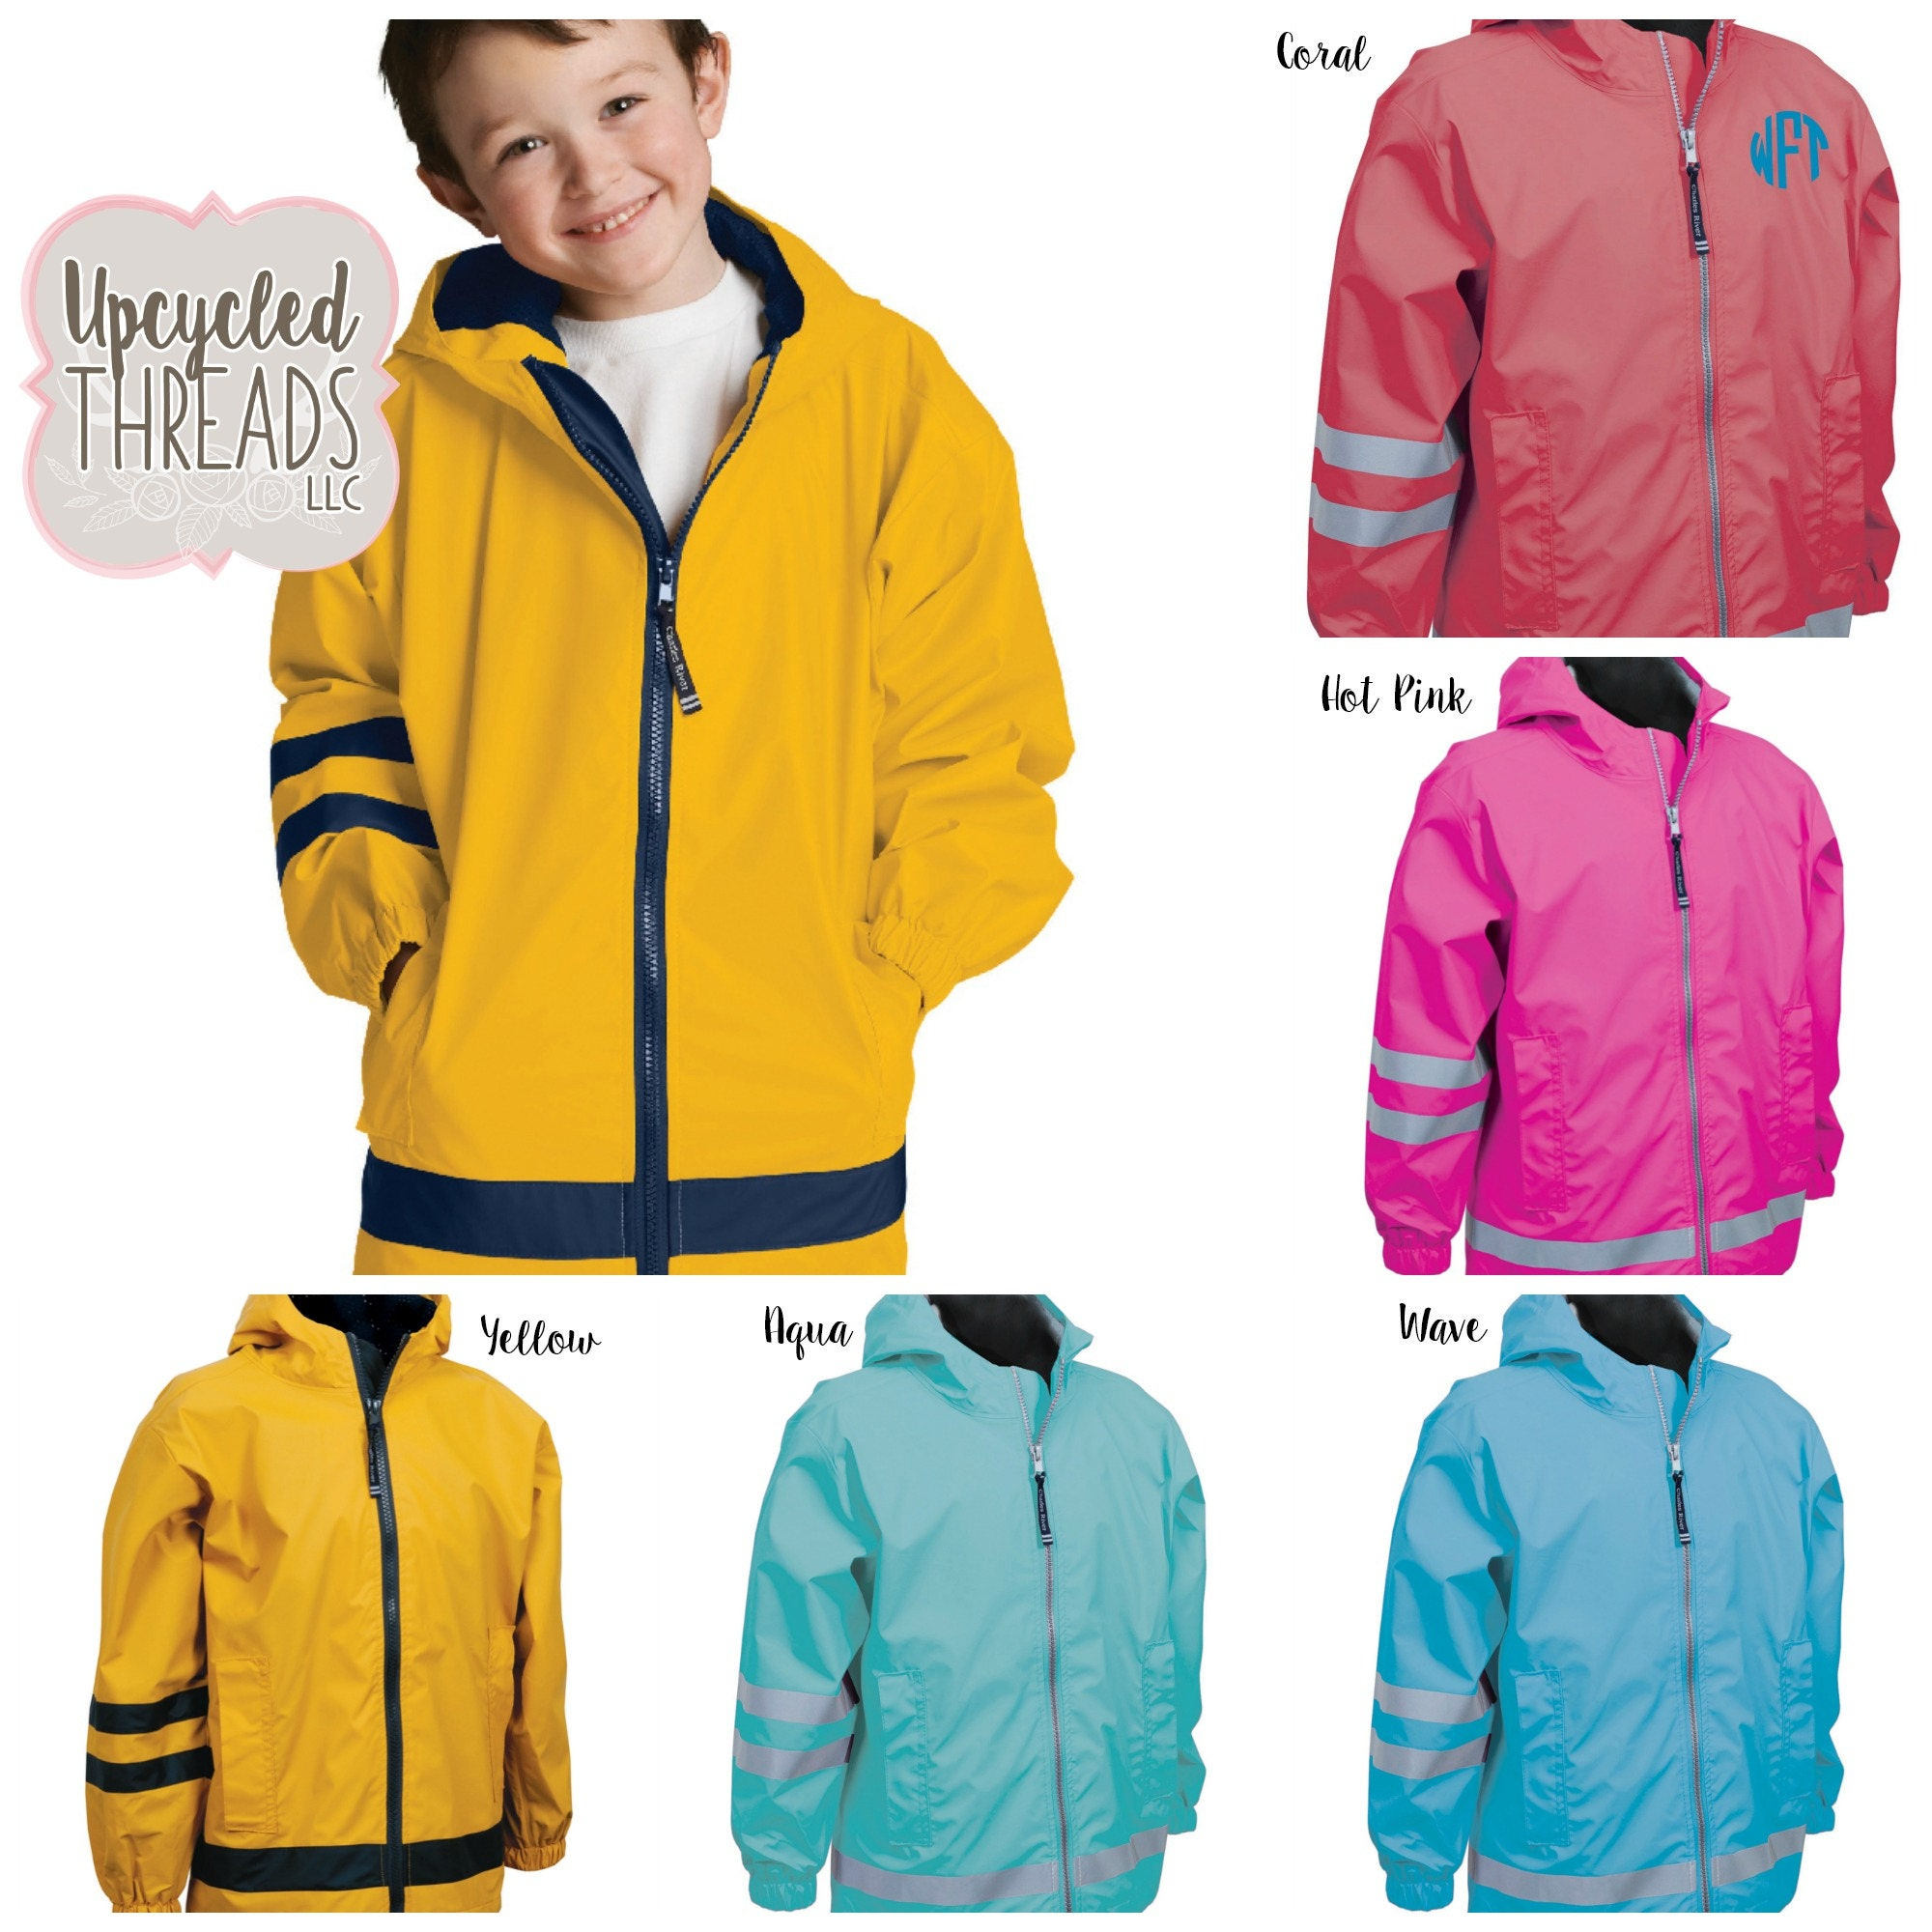 324cb872efef Personalized Rain Jacket